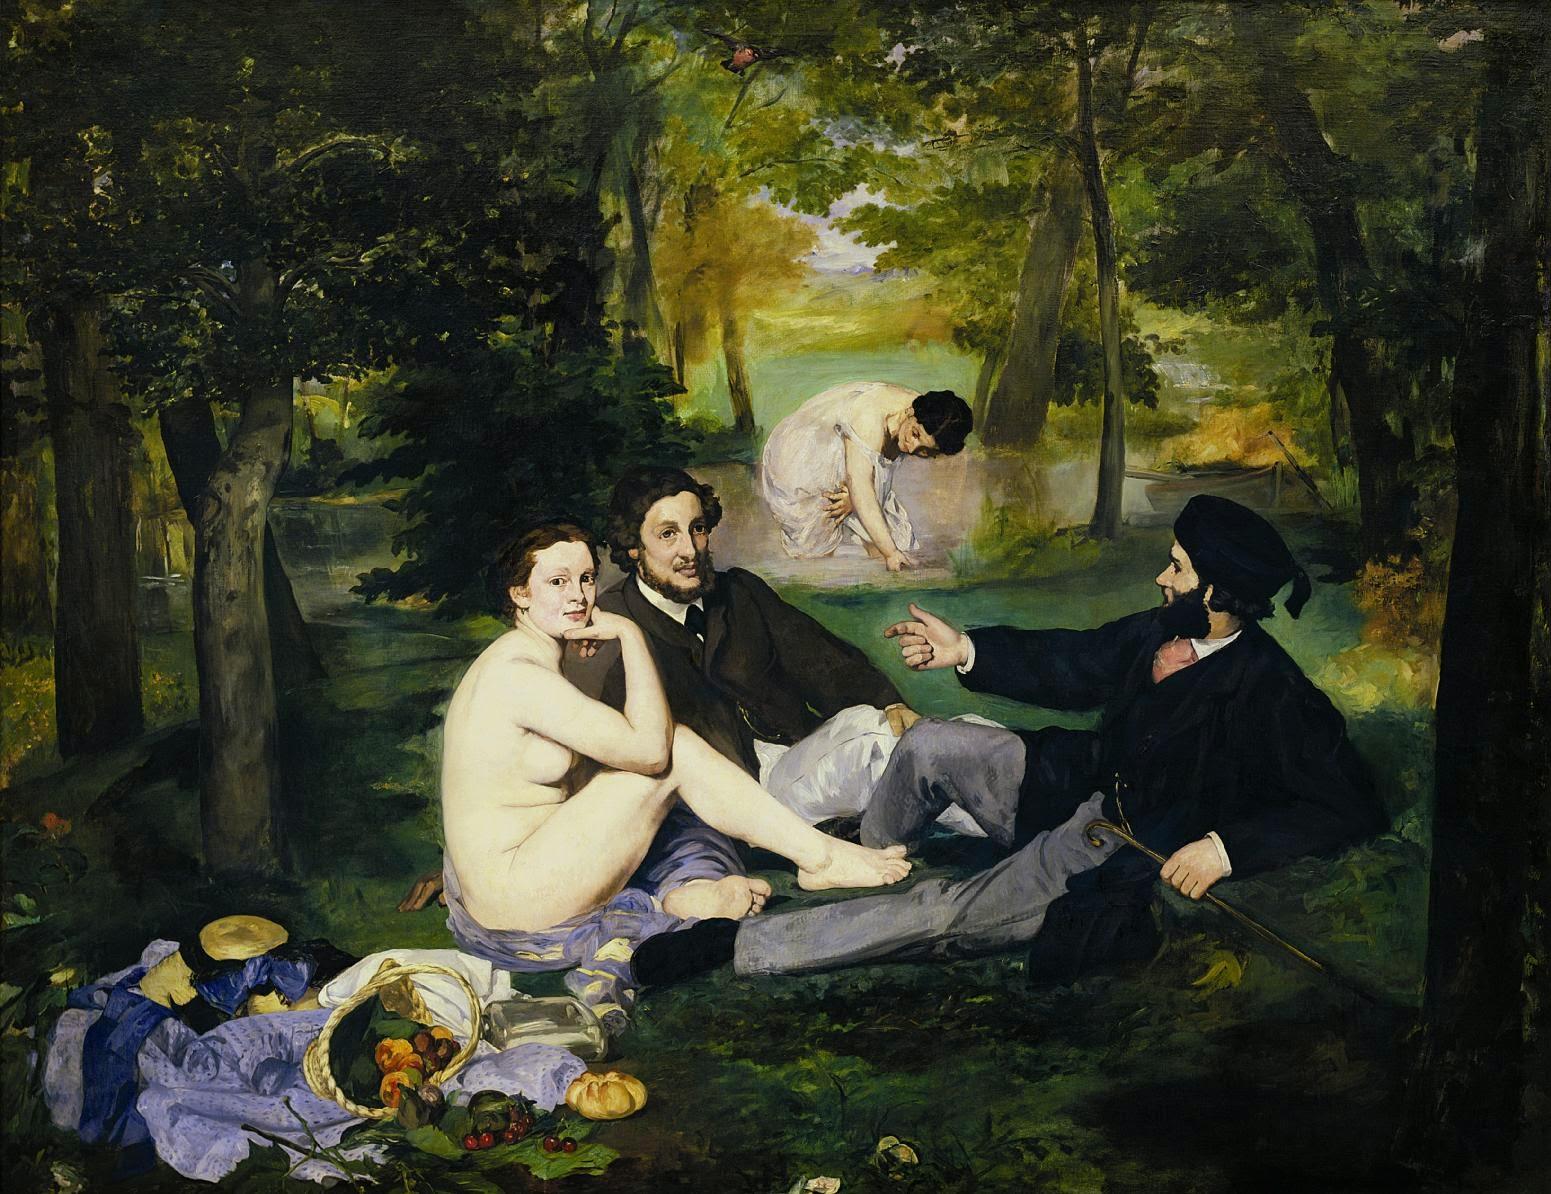 O Almoço na Relva - Pinturas impressionistas pintadas por Édouard Manet